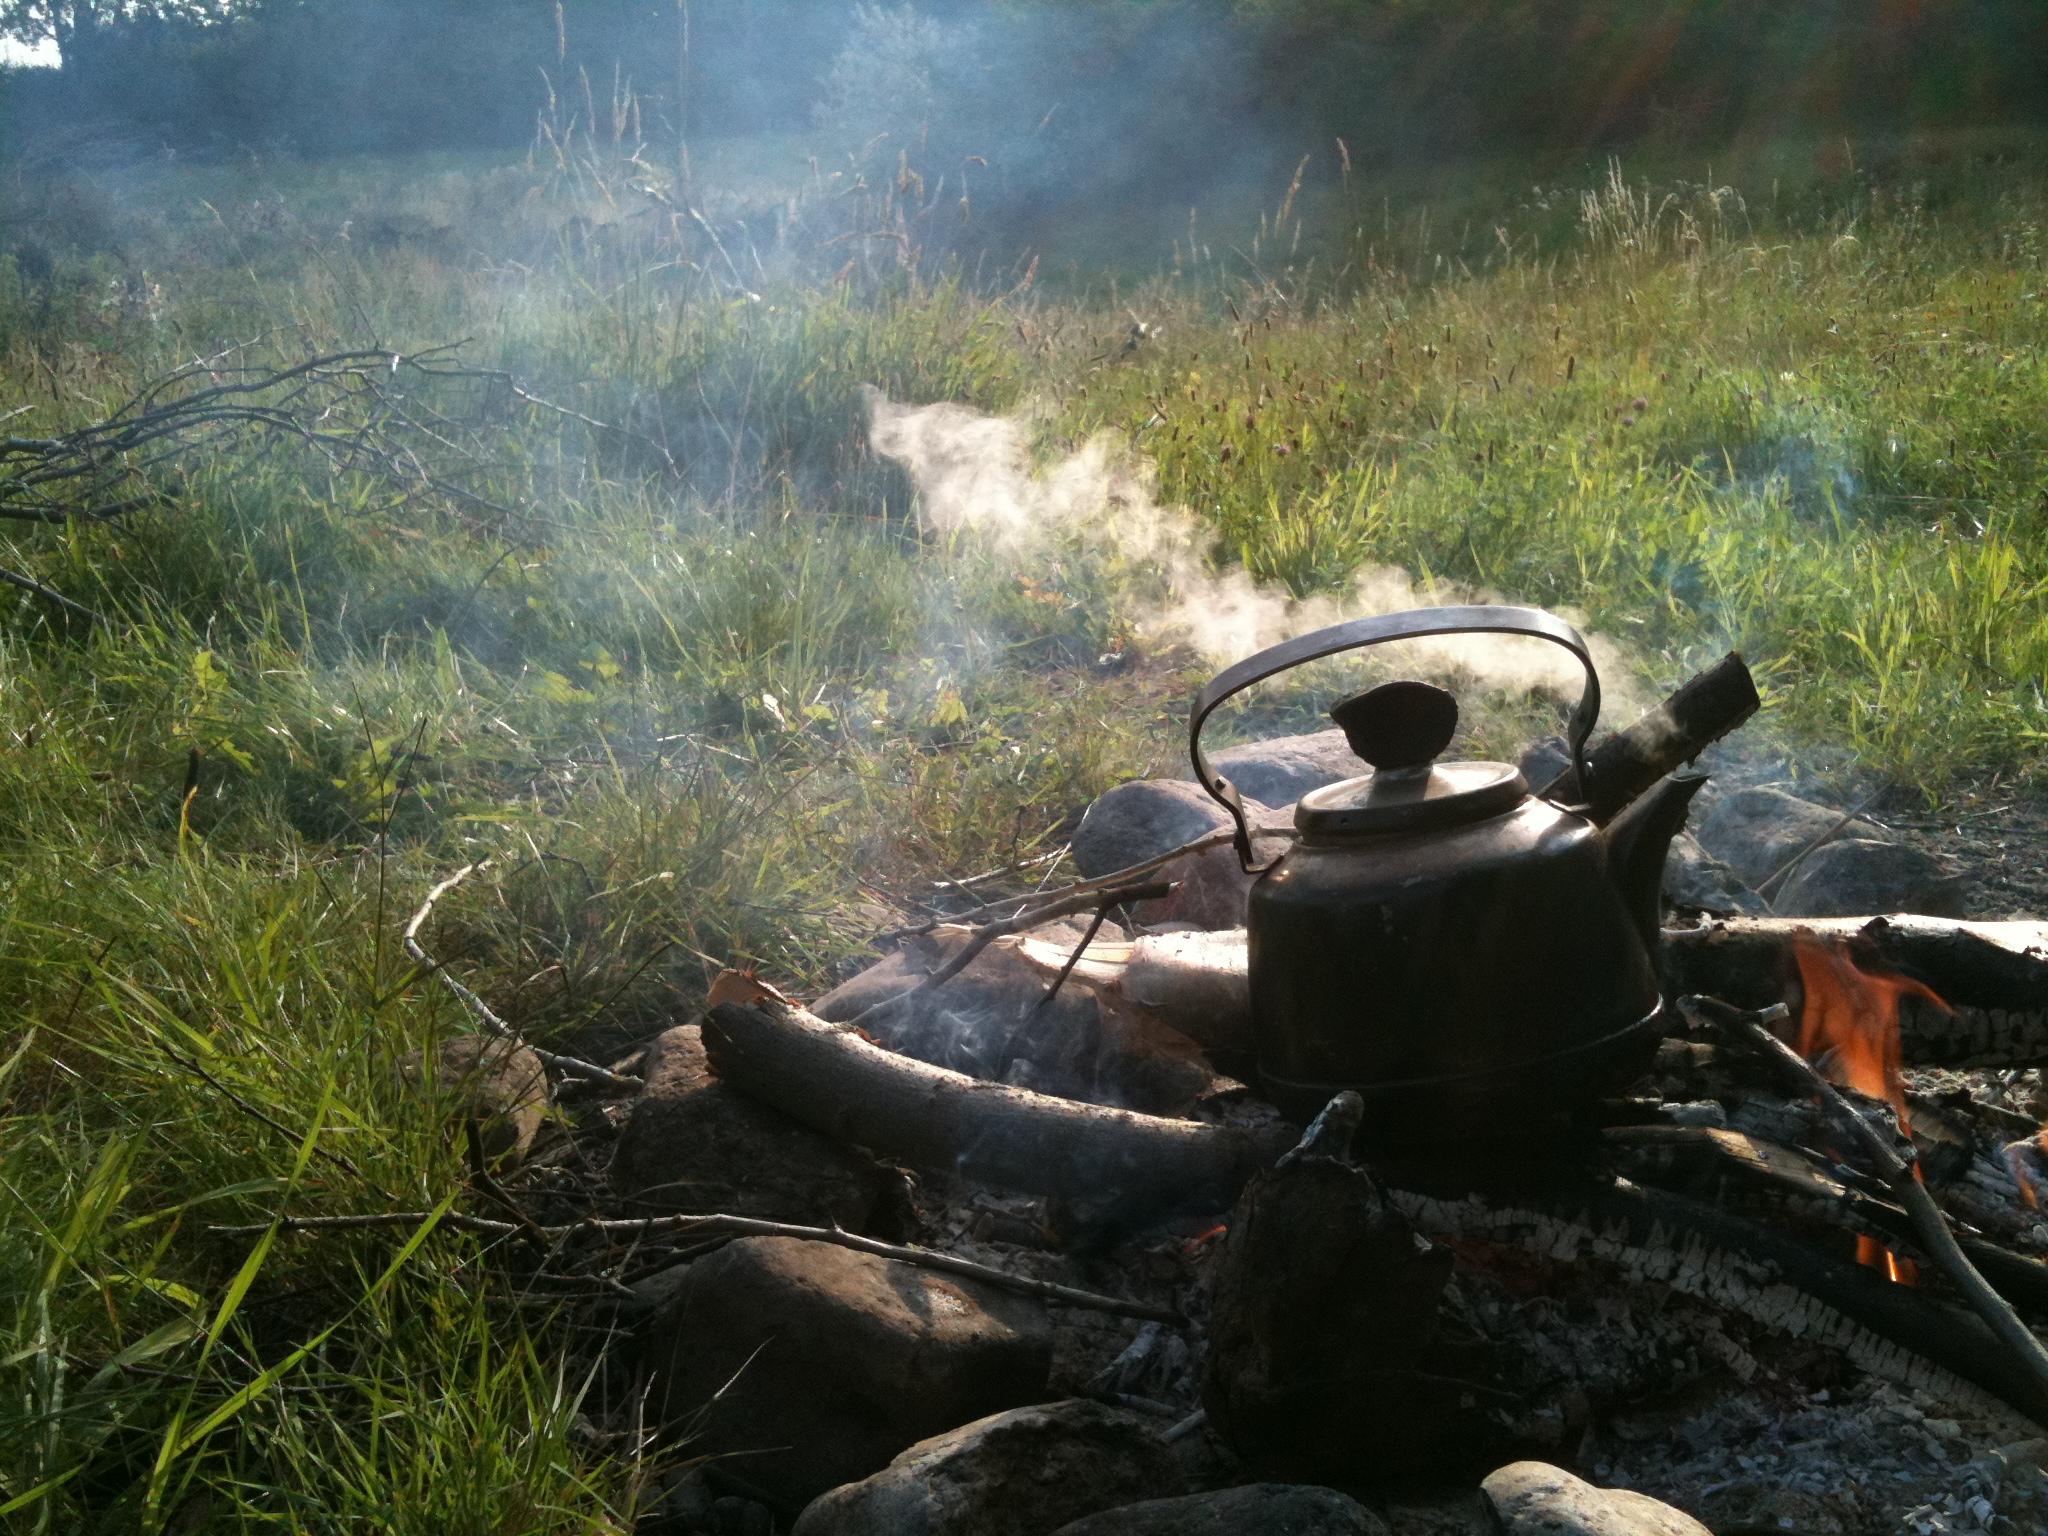 Kogekaffe over ilden vaerude.dk